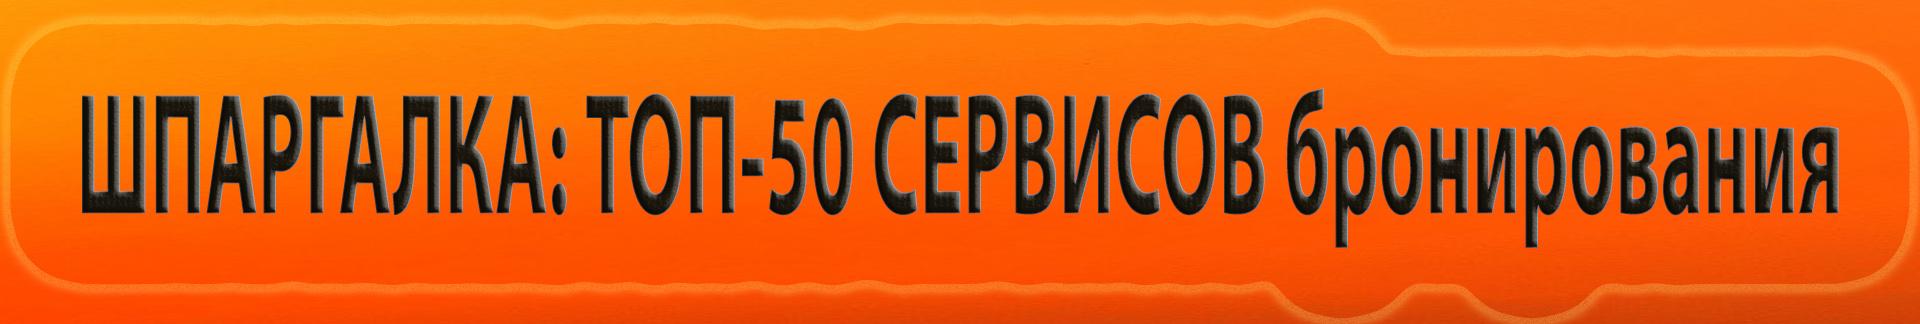 топ-50 сервисов бронирования